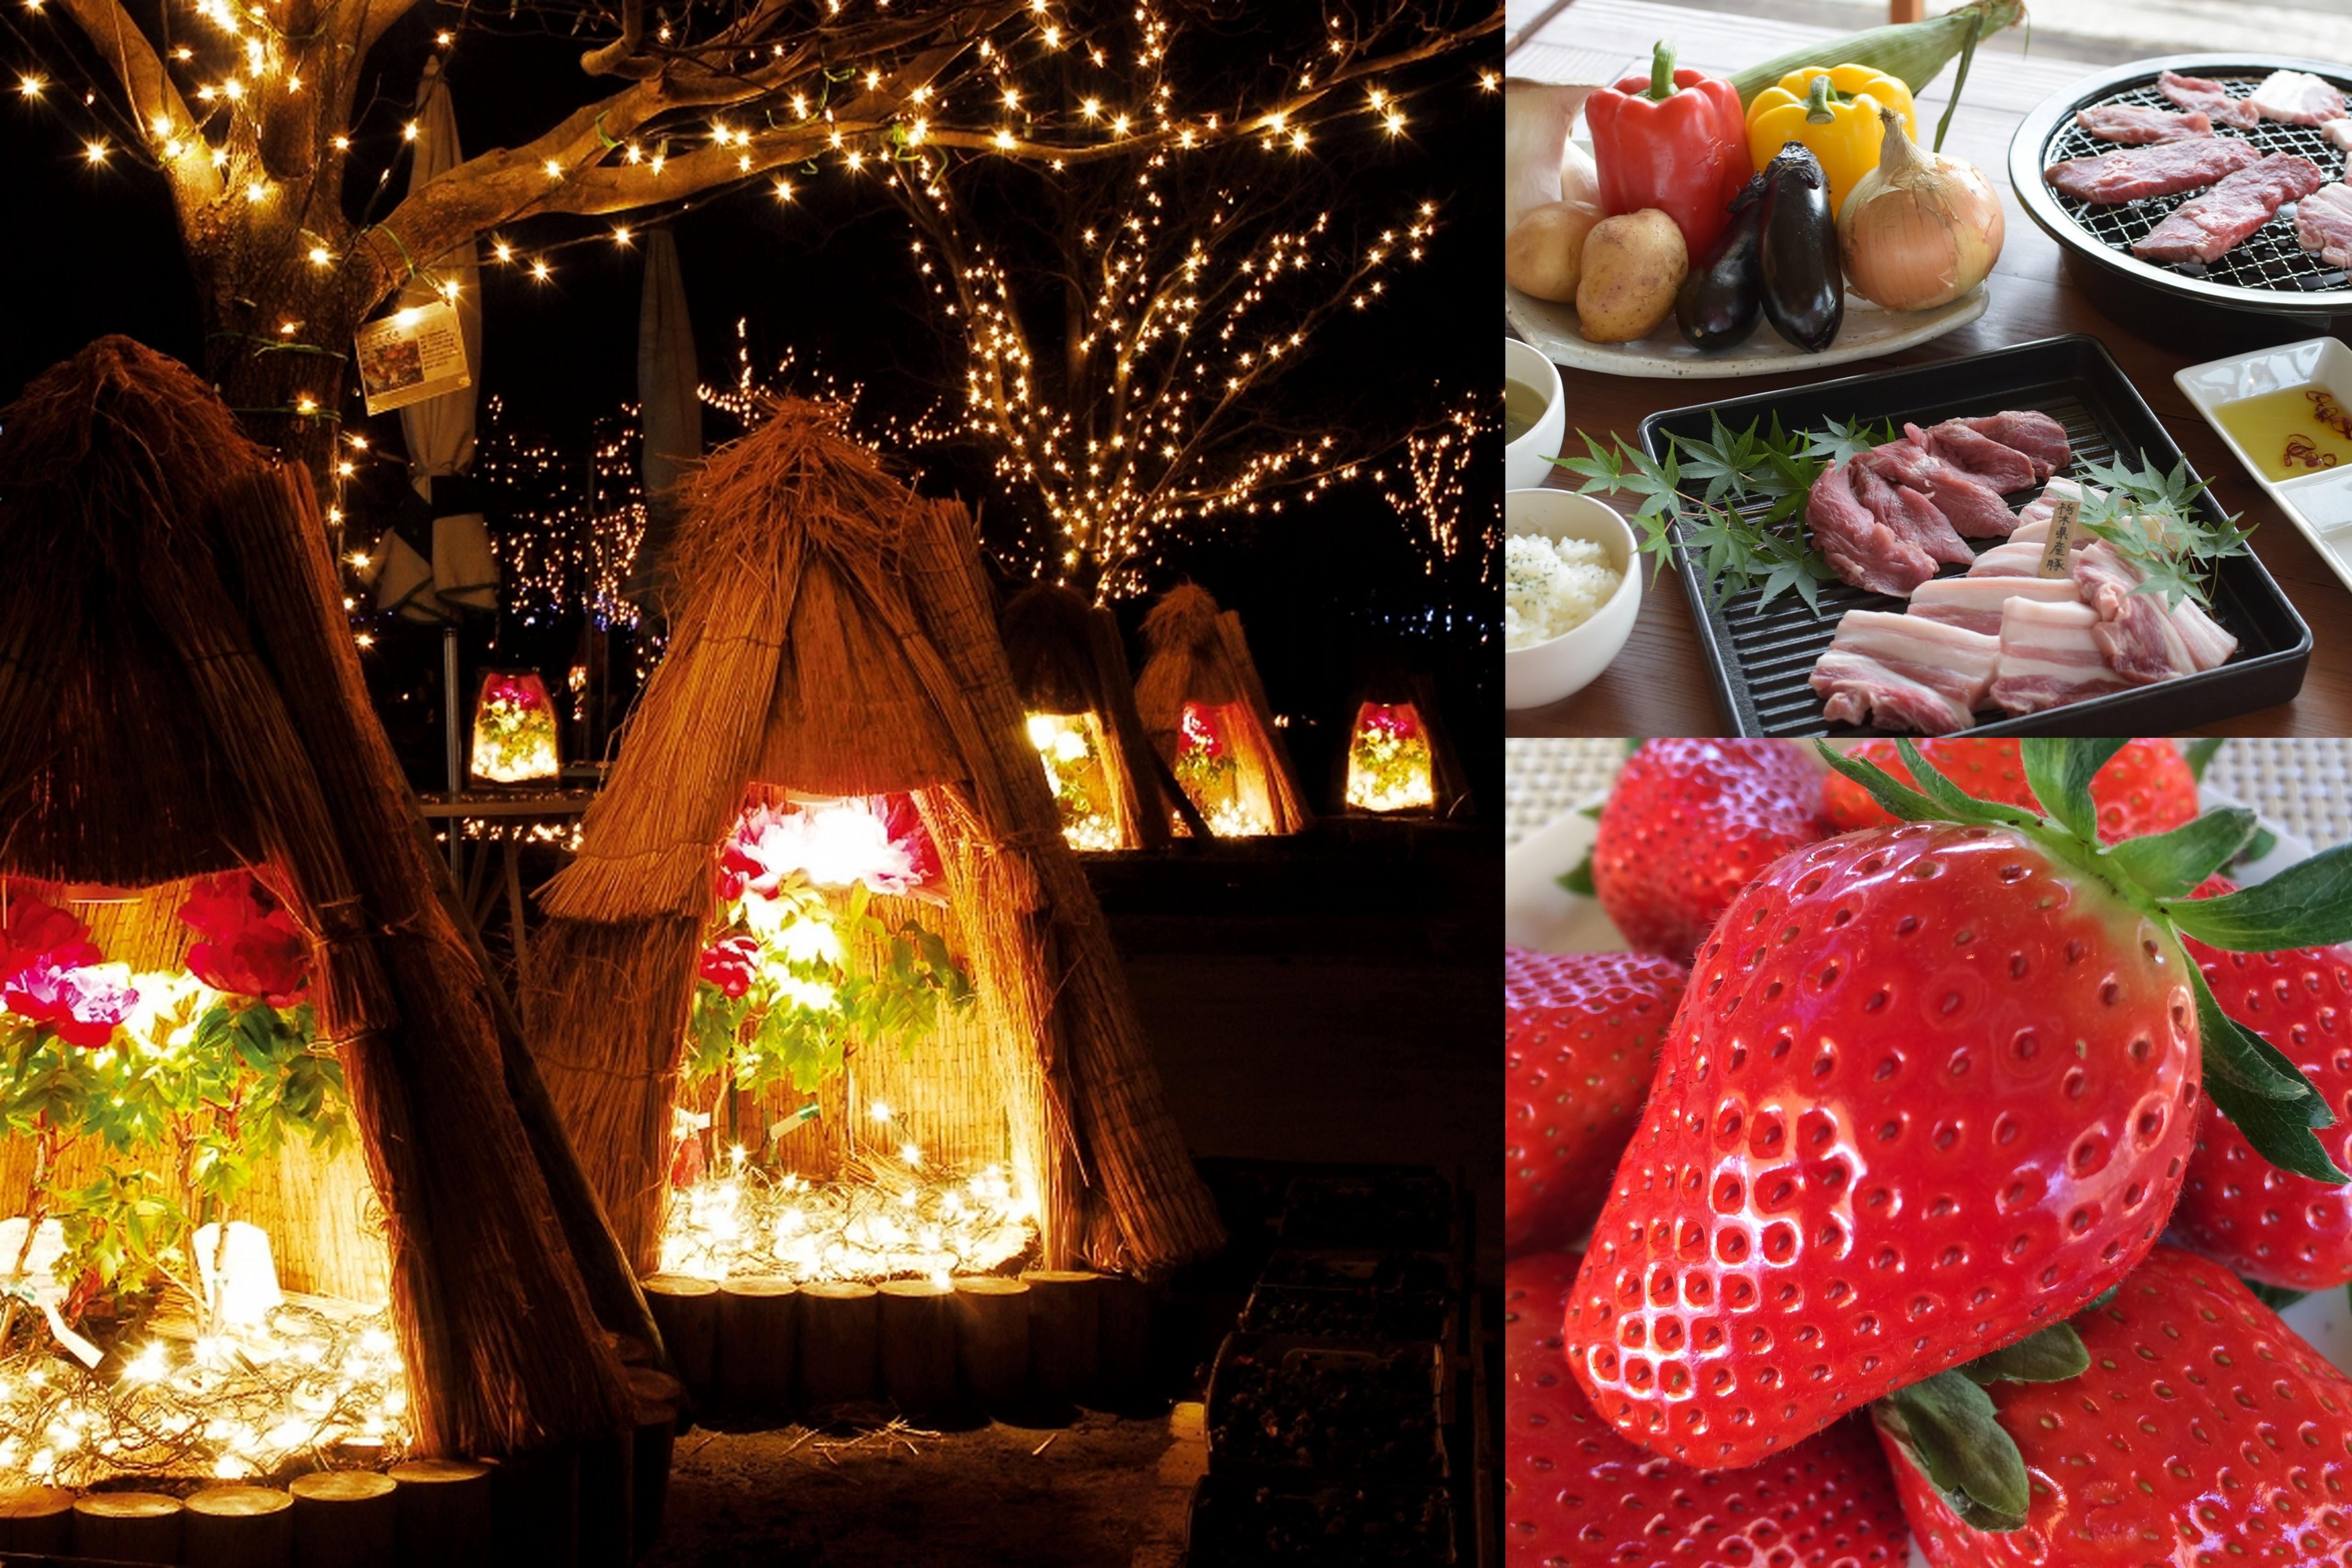 【栃木】魅力ぎっしり!《スカイベリー狩り食べ放題》&あしかがフラワーパーク《イルミネーション》&世界遺産《日光散策》&新オープンレストランでブランド豚¨やんちゃ豚¨肉食べ放題!